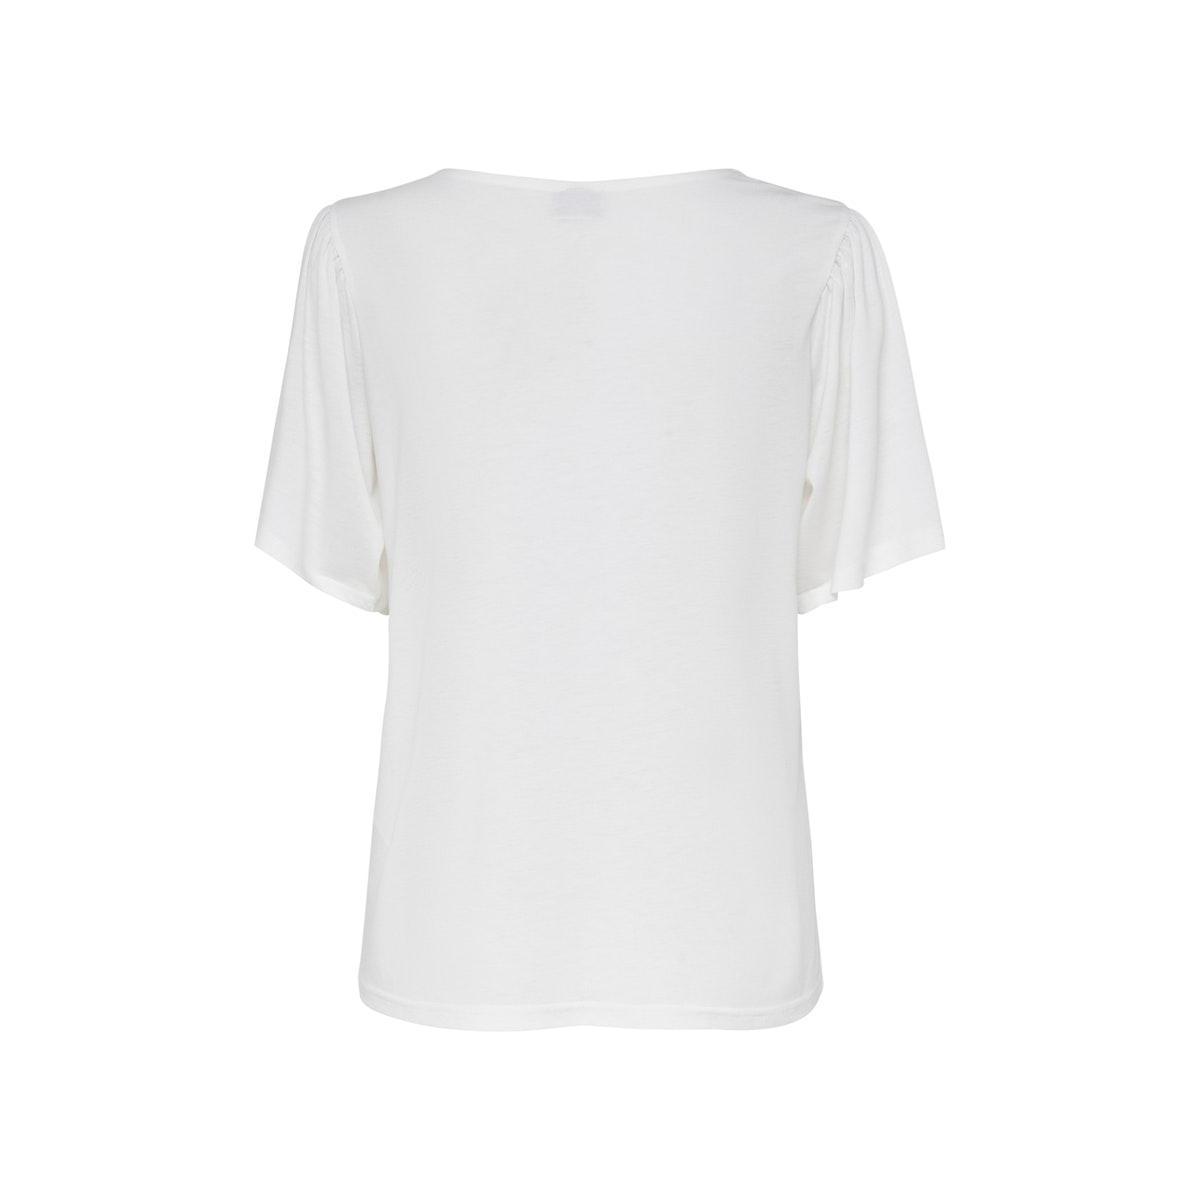 jdyelena s/s top jrs 15196517 jacqueline de yong t-shirt cloud dancer/dtm lace